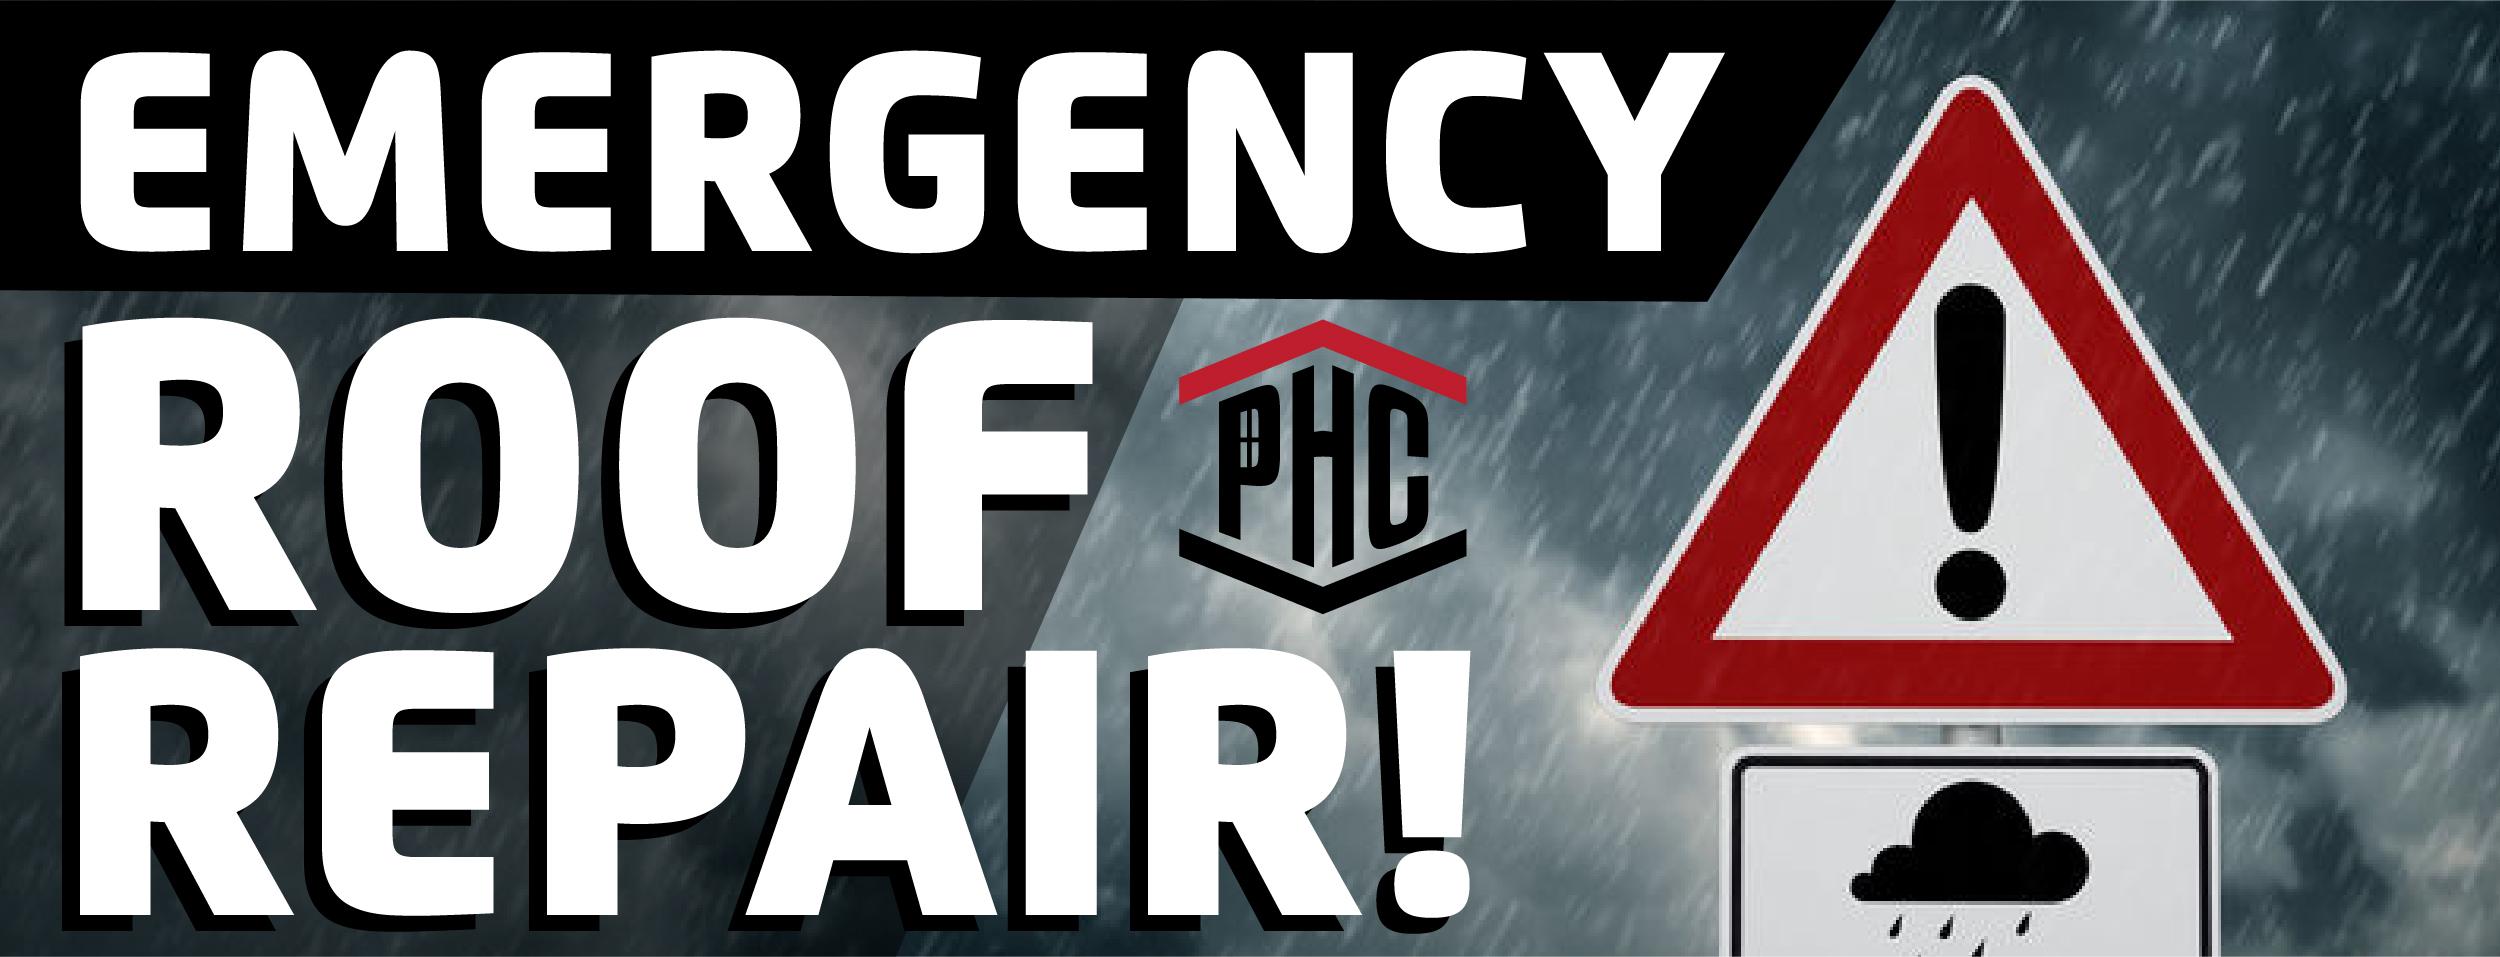 Emergency Roof Repair In ABQ